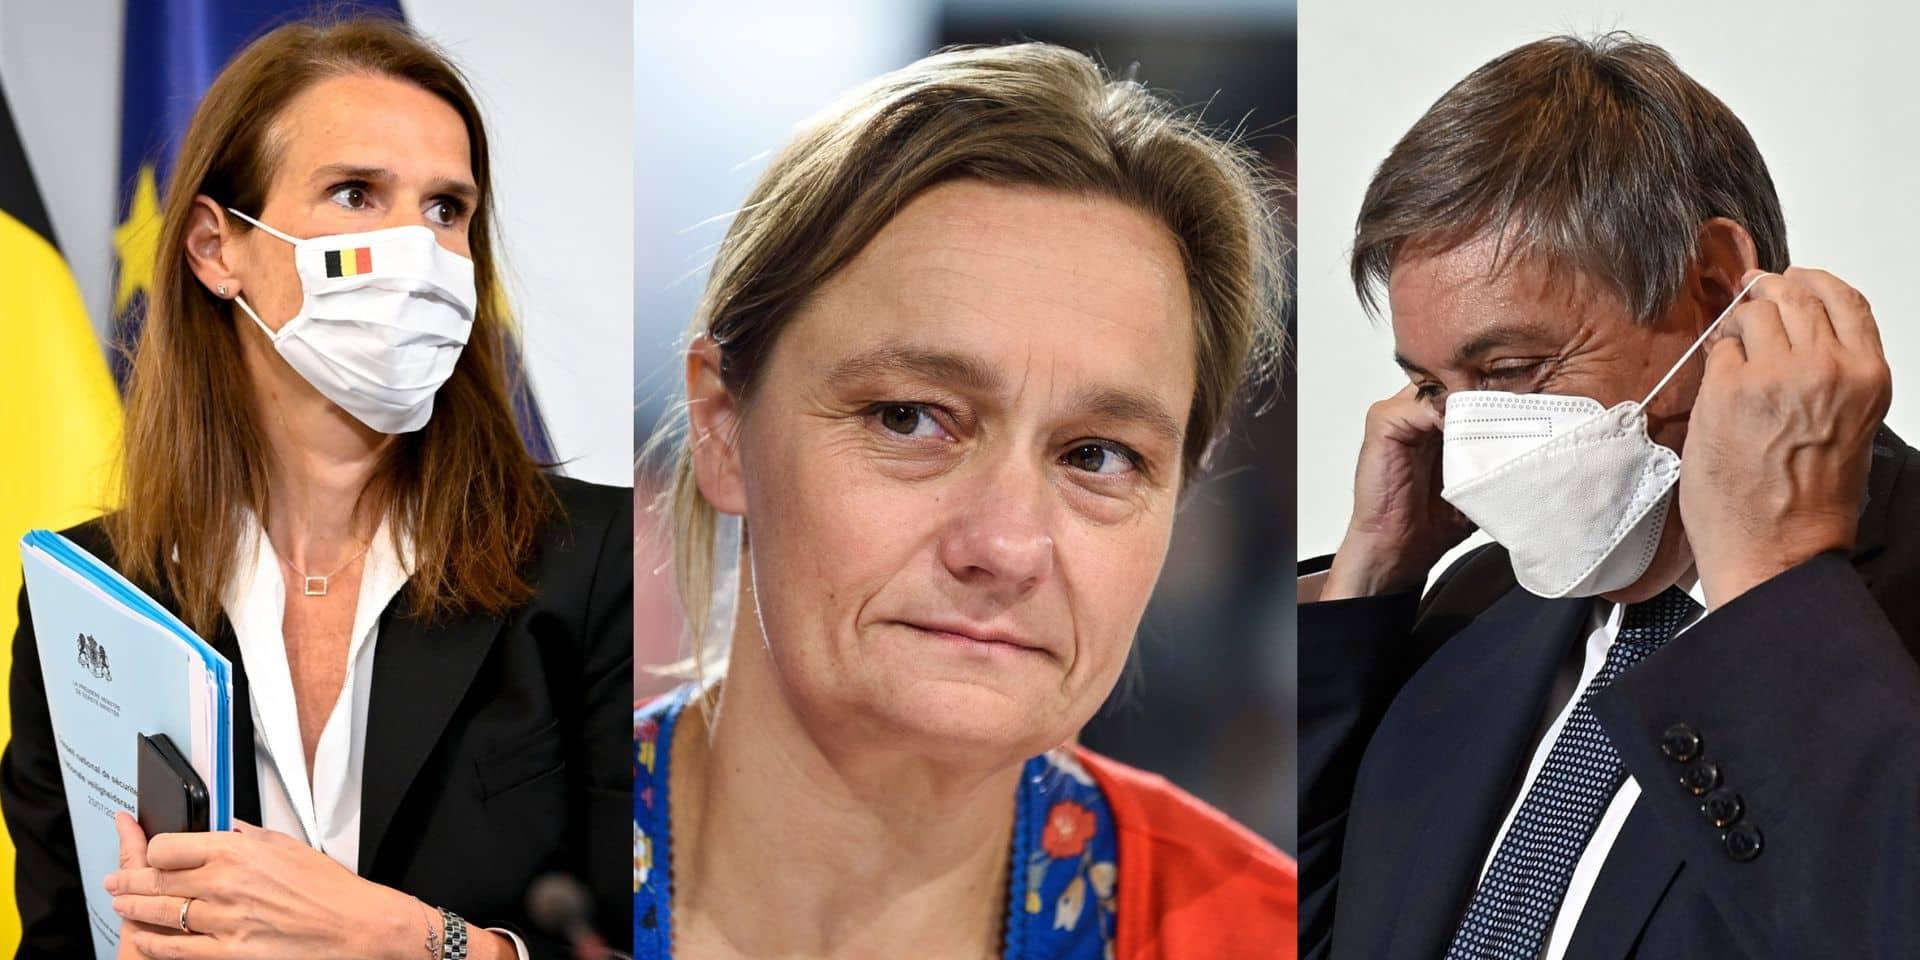 Tensions entre Erika Vlieghe et Jan Jambon: Sophie Wilmès réagit